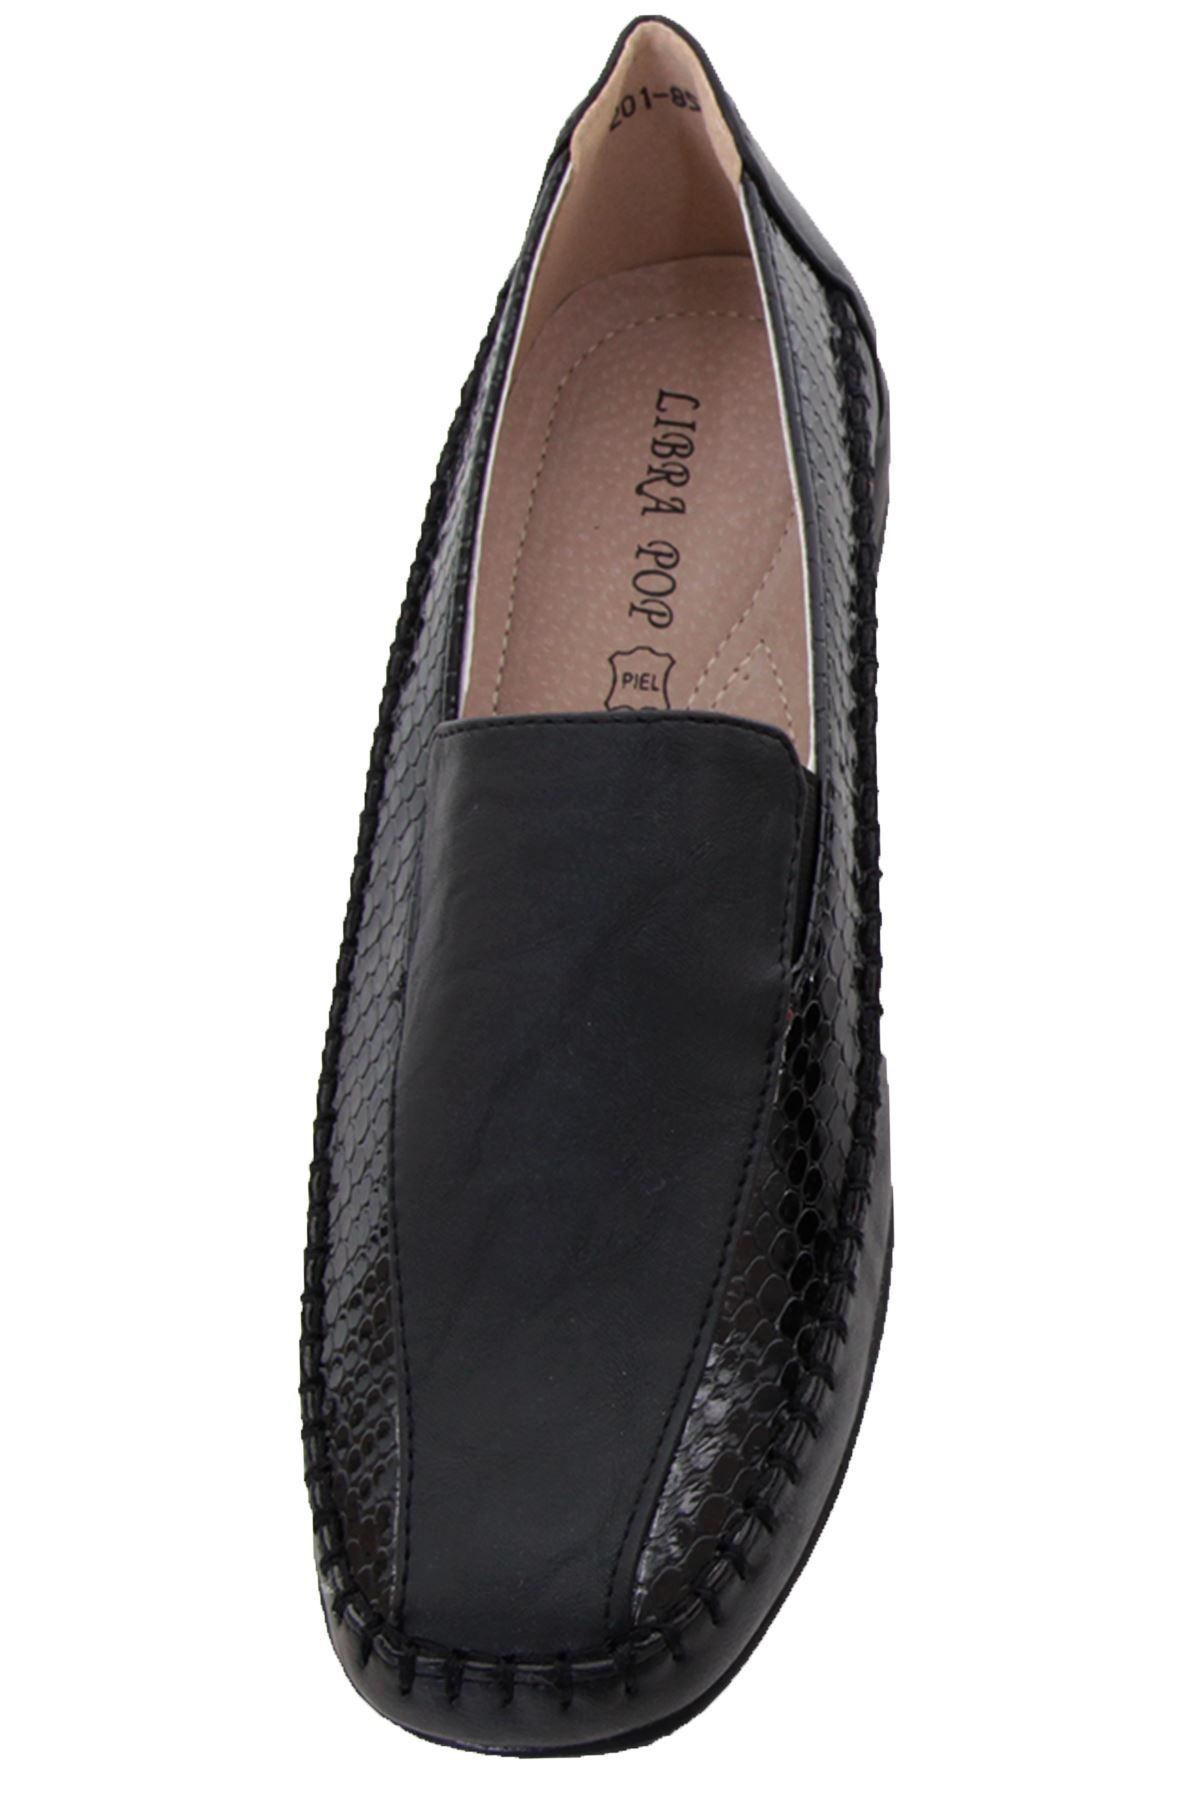 Señoras Taco Plano Imitación Cuero Serpiente patente Acolchada Suela Antideslizante en cómodos zapatos